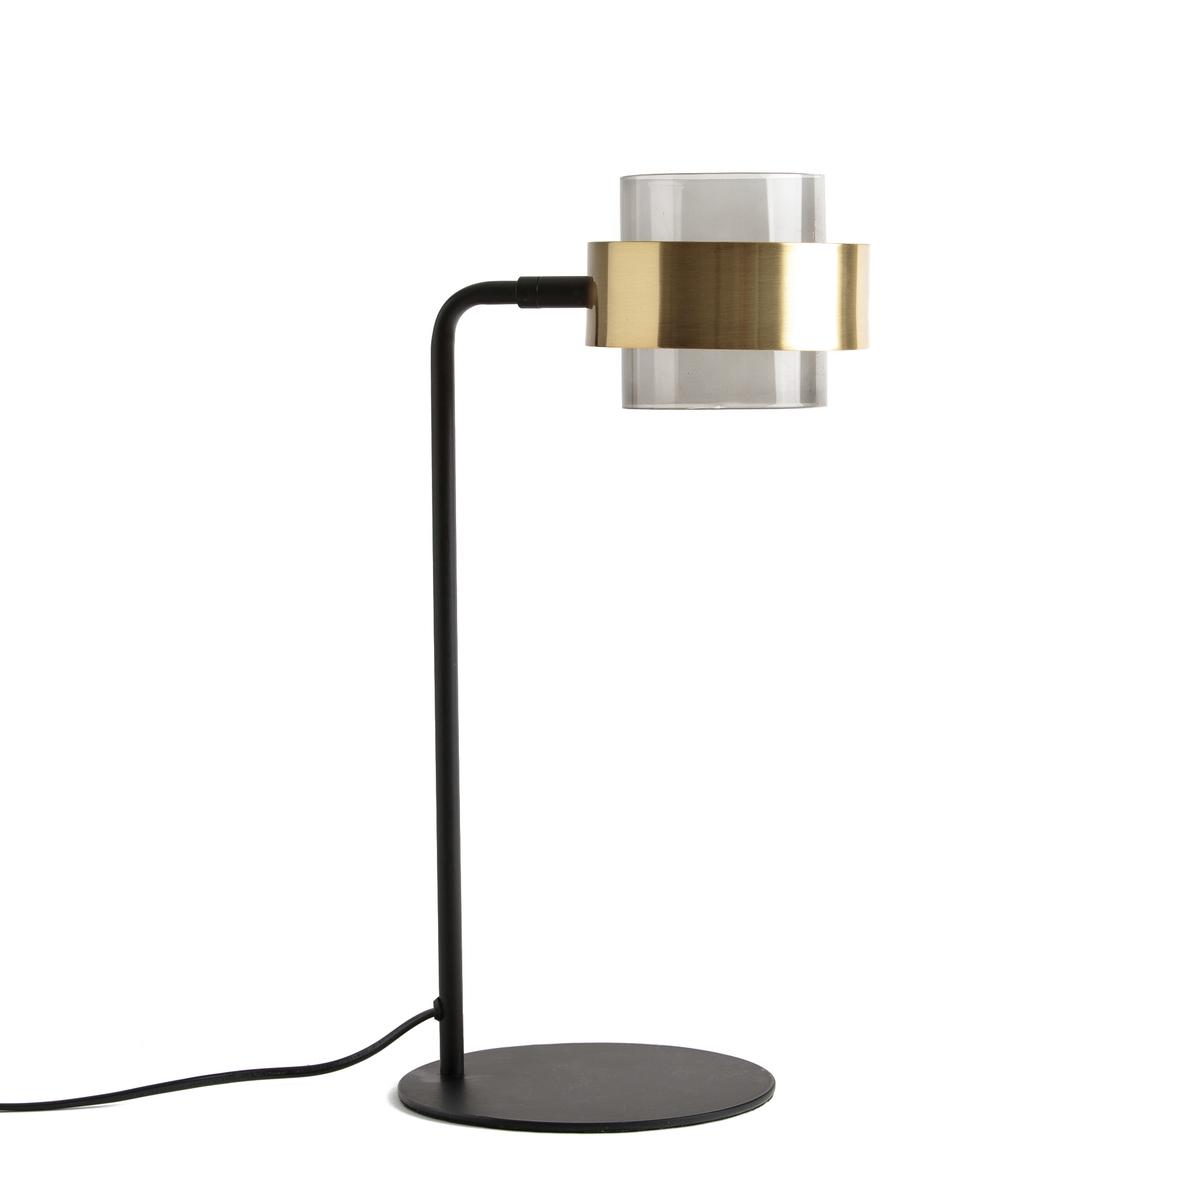 Лампа настольная из металла и стекла BOTELLO бра из черного металла и металла с отделкой под латунь elori